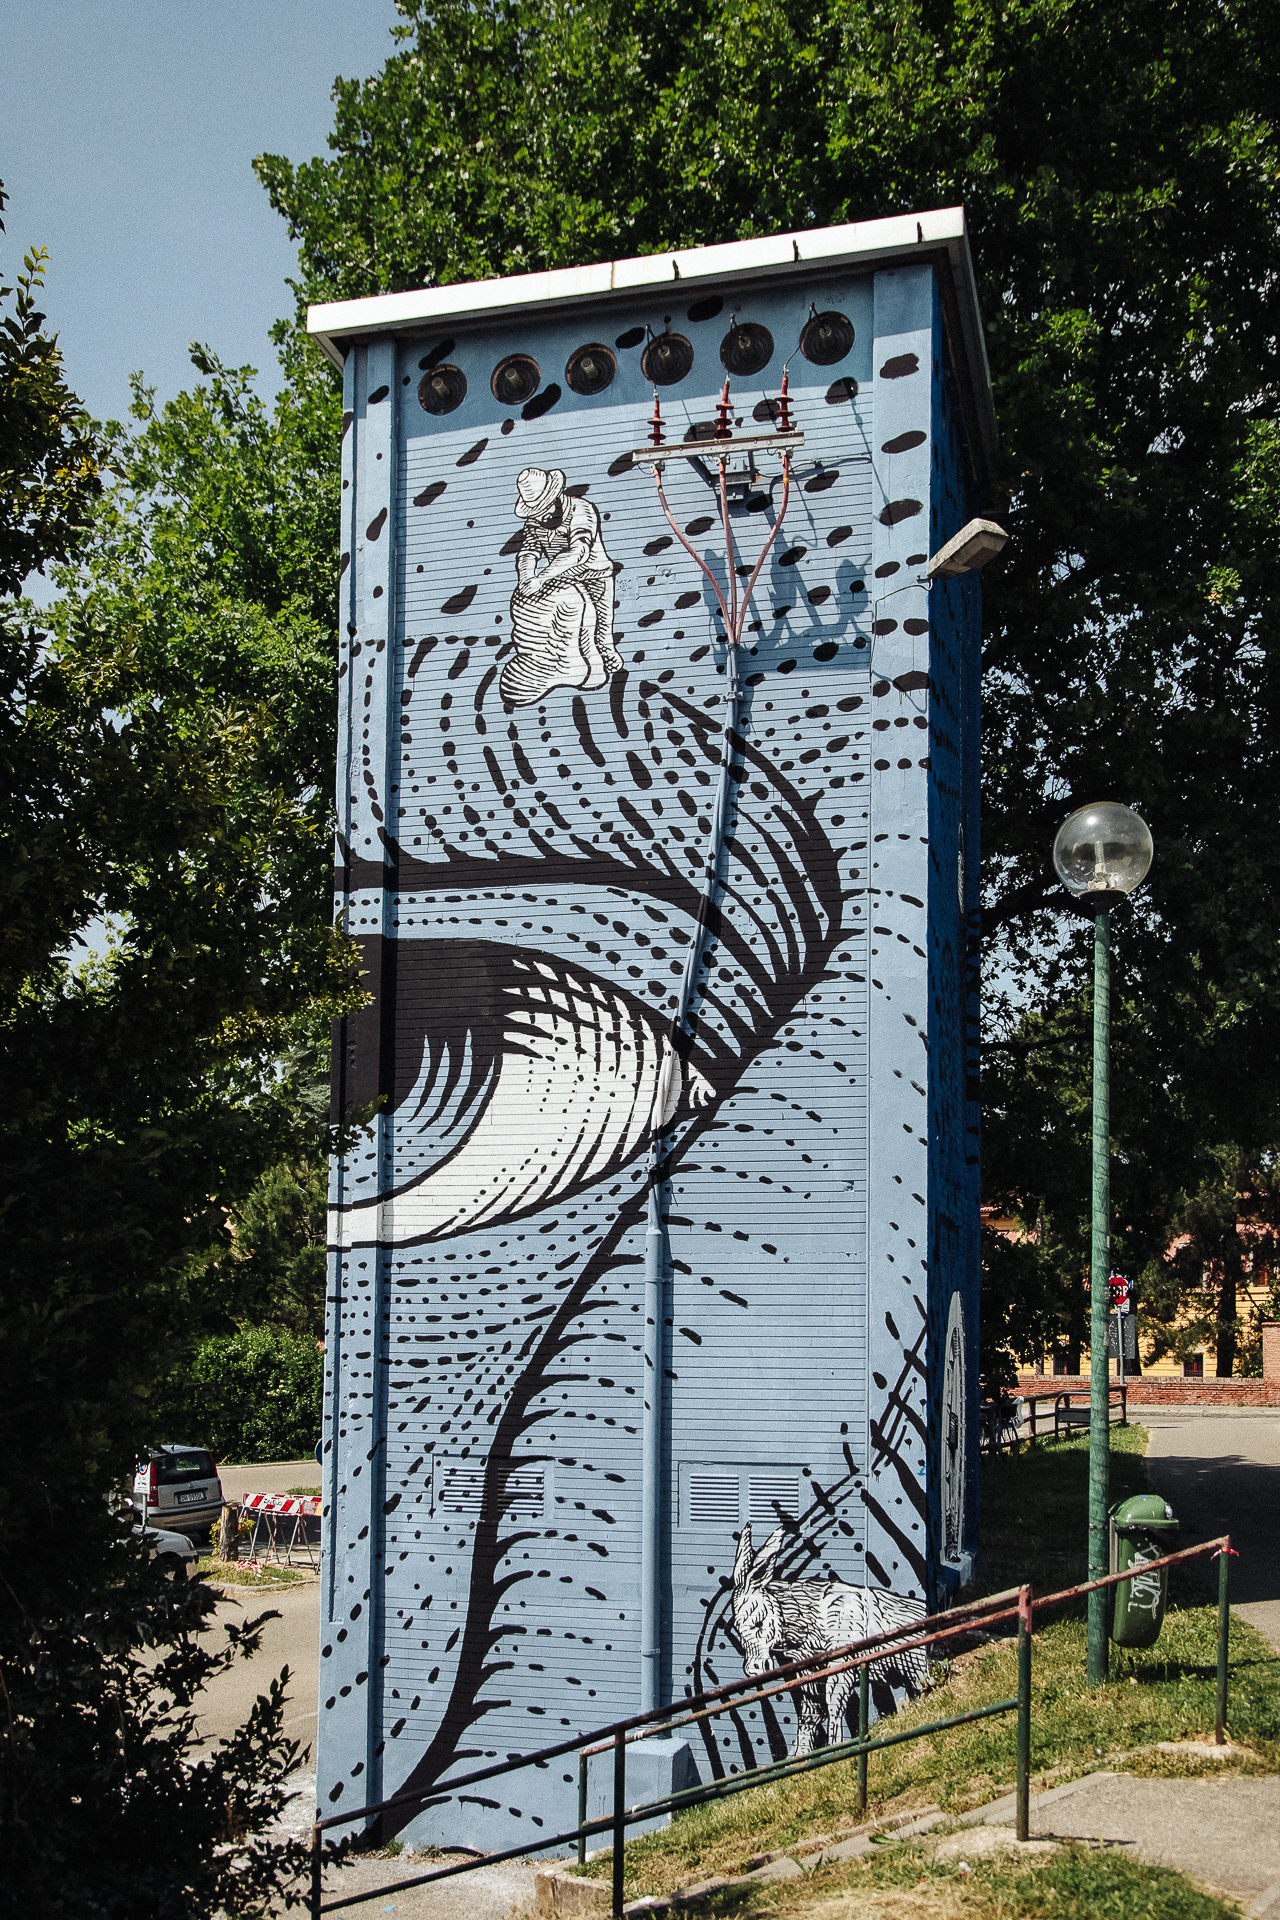 Andrea Casciu Imola T.A.G. (Torri, Arte e Graffiti)